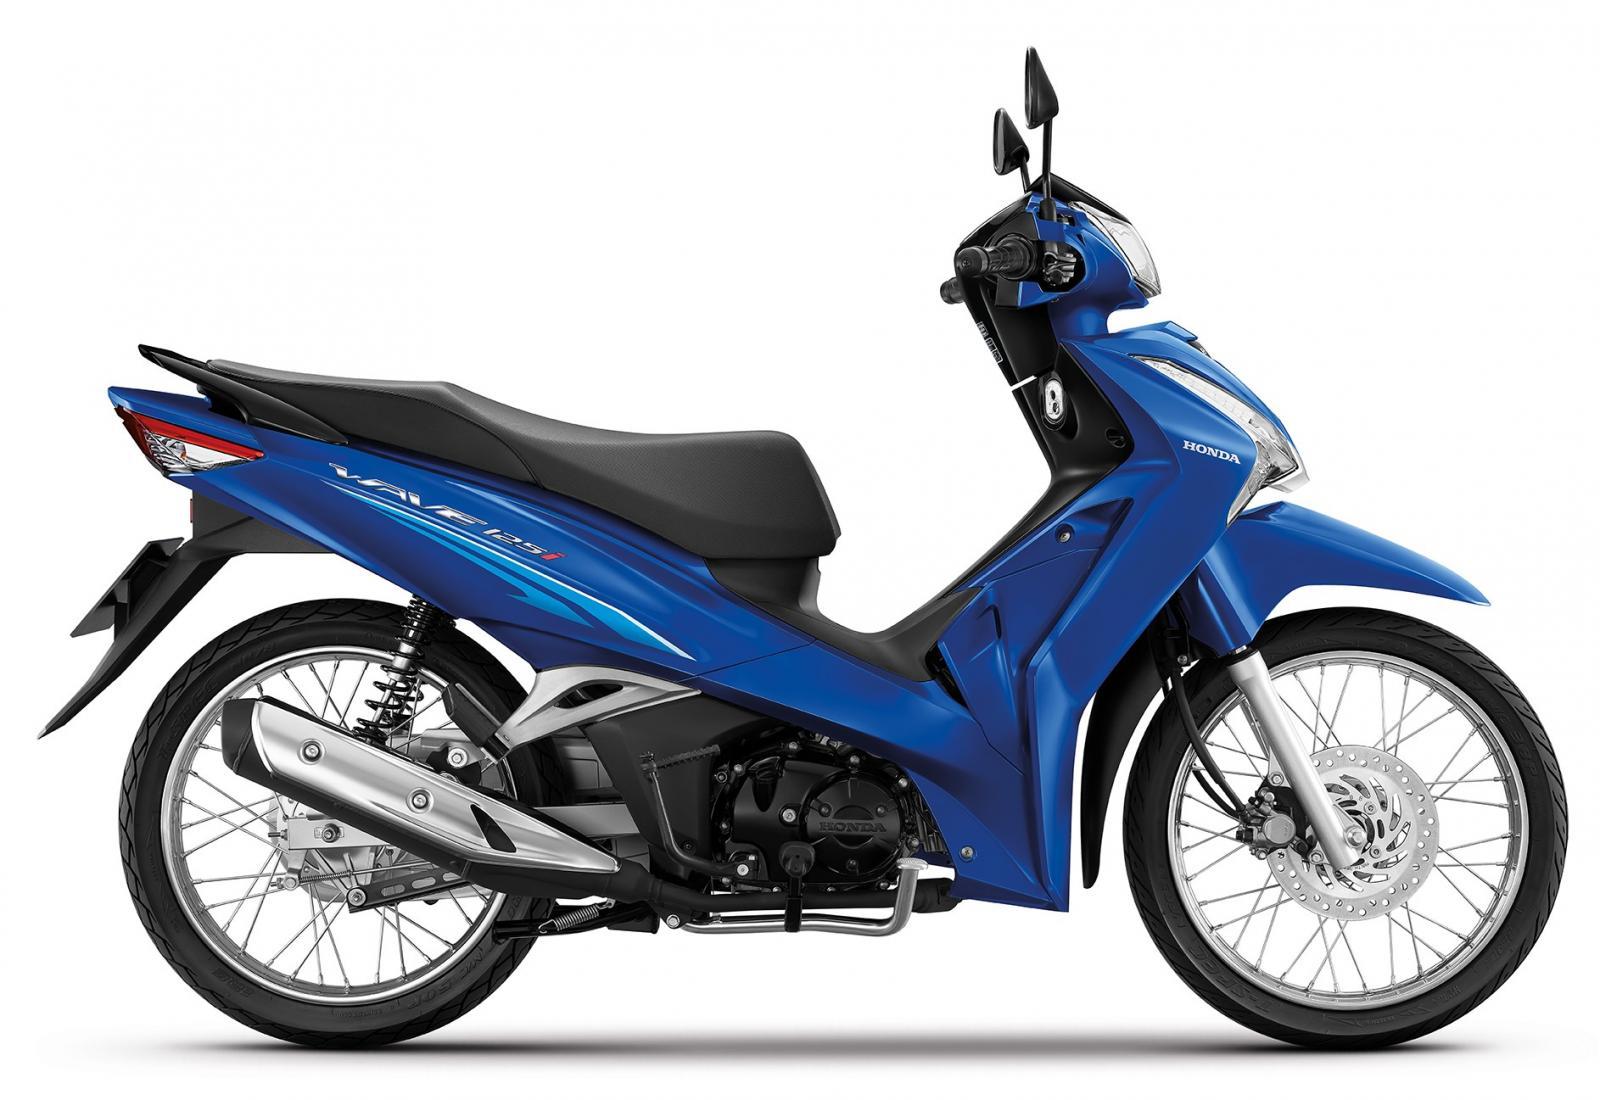 ราคาและตารางผ่อน ดาวน์ Honda Wave 125i 2021